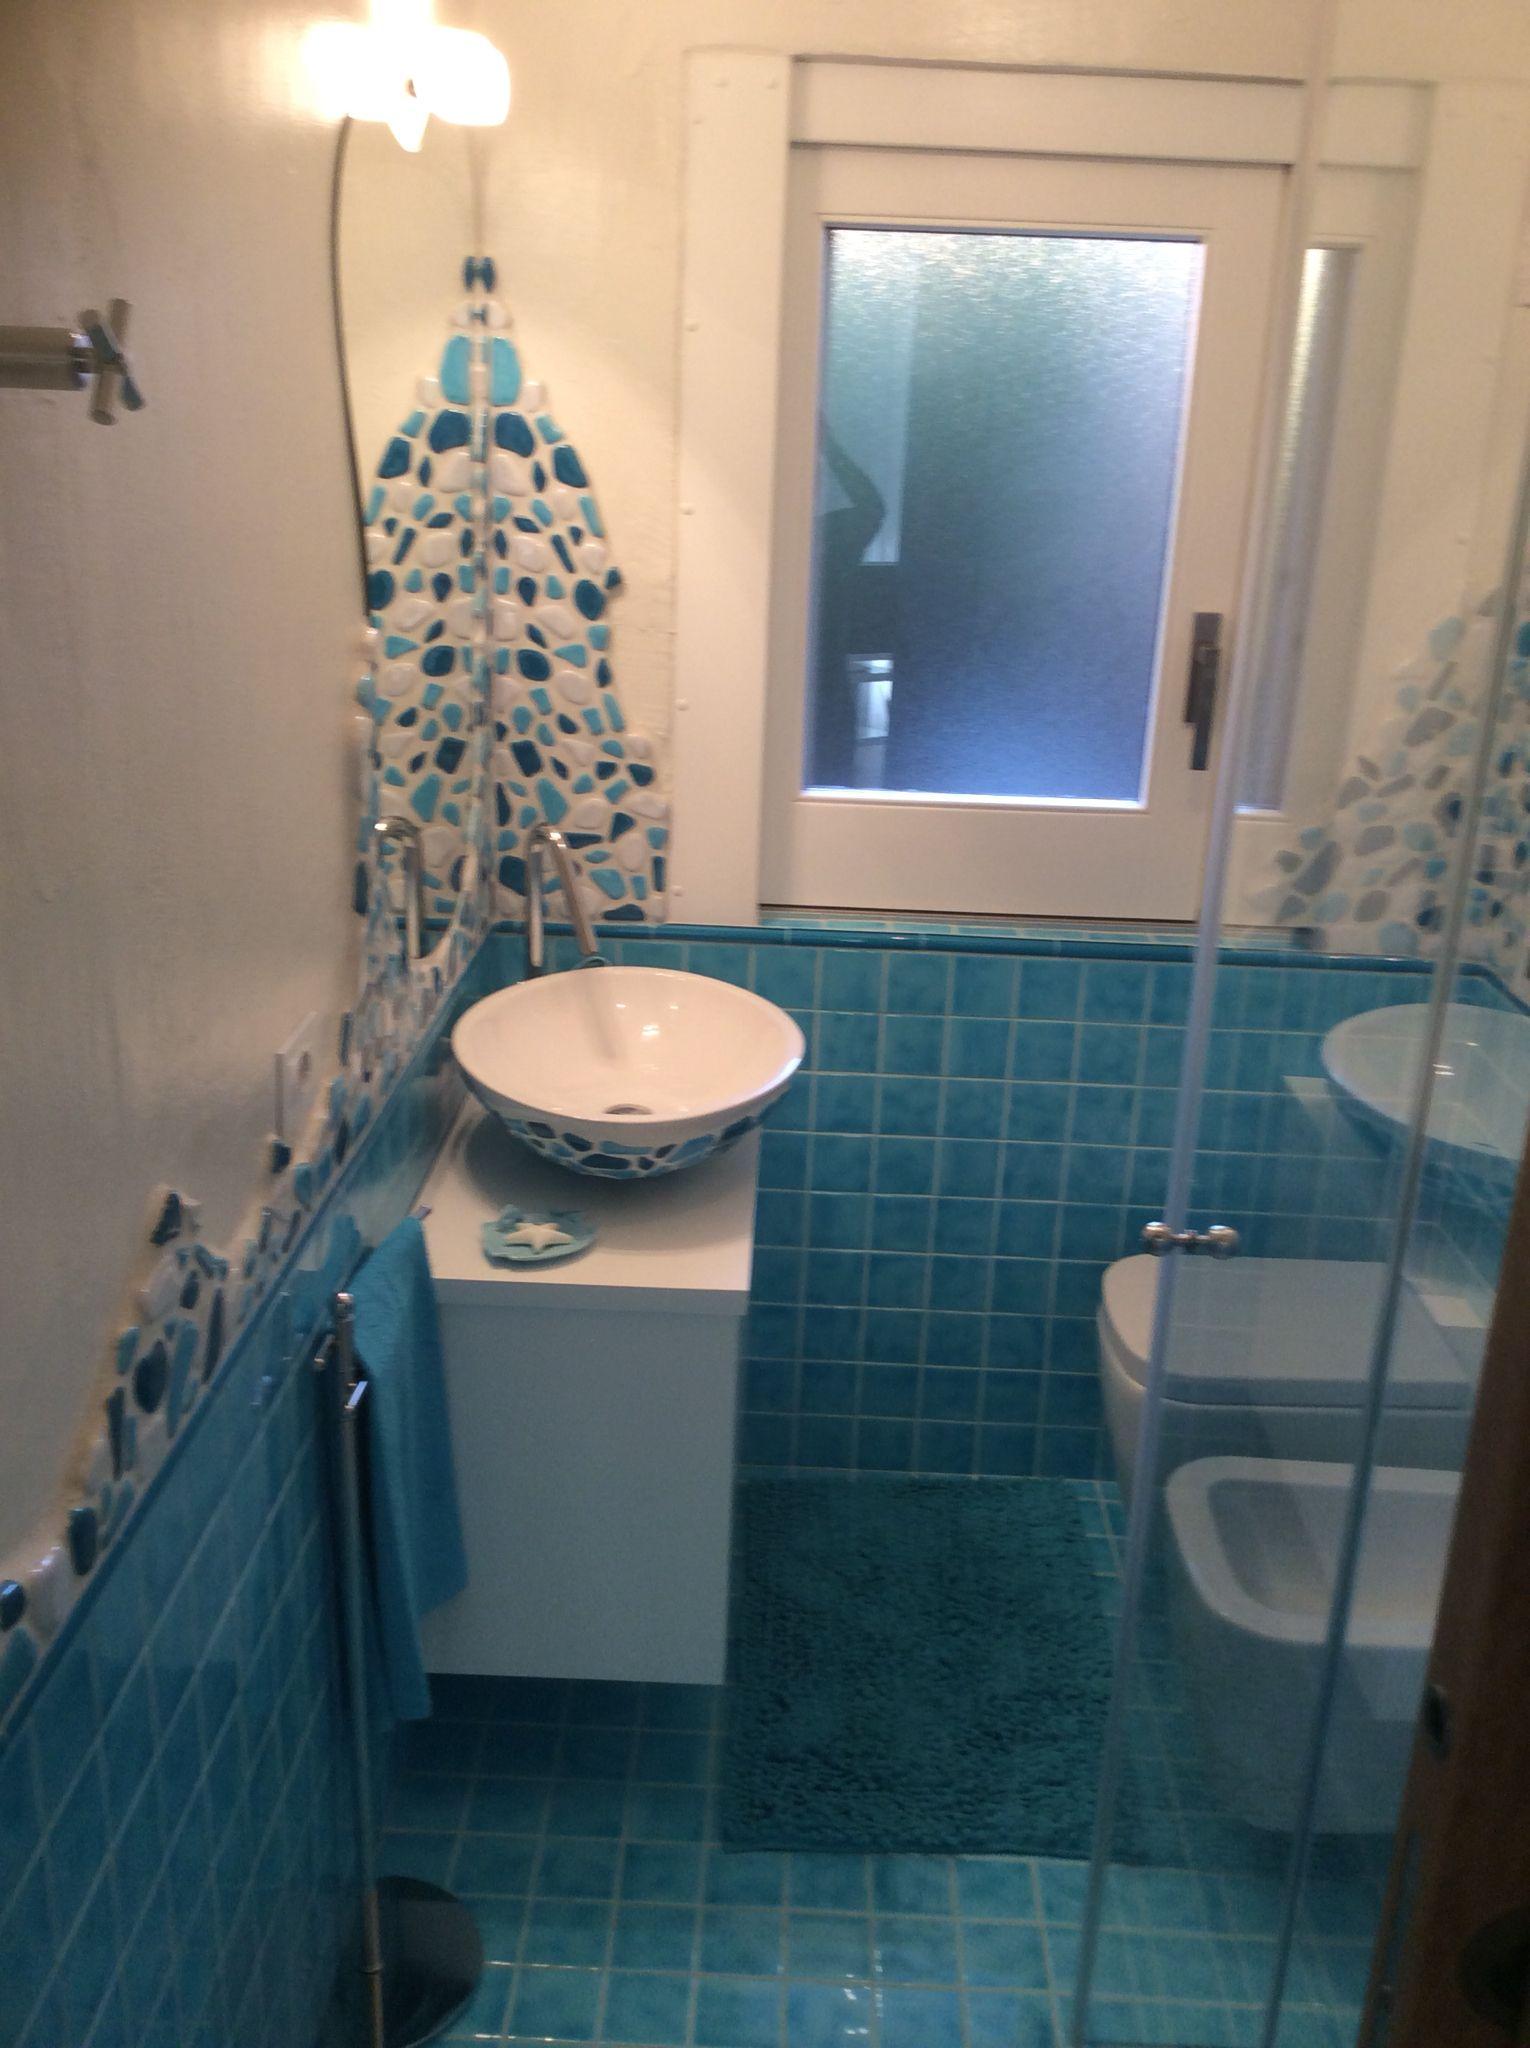 Bagno con piastrelle cerasarda 10x10 marezzato con pepite - Piastrelle 10x10 bagno ...